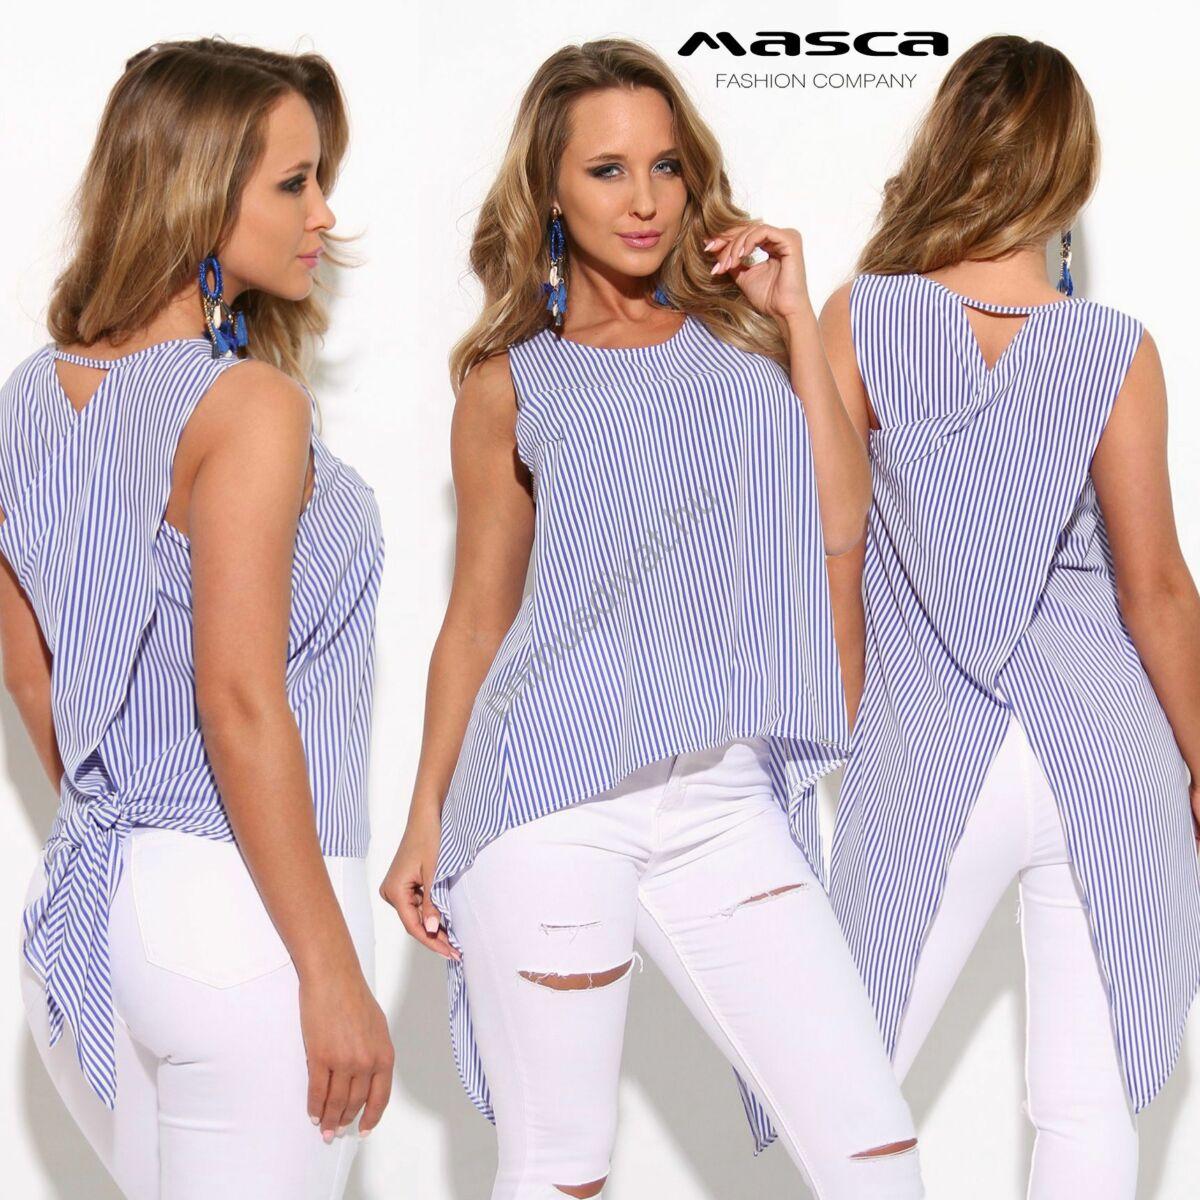 d442f71b11 Kép 1/2 - Masca Fashion ujjatlan kék-fehér csíkos lezser vászon felső,  hátán átlapolt hosszabb szabással